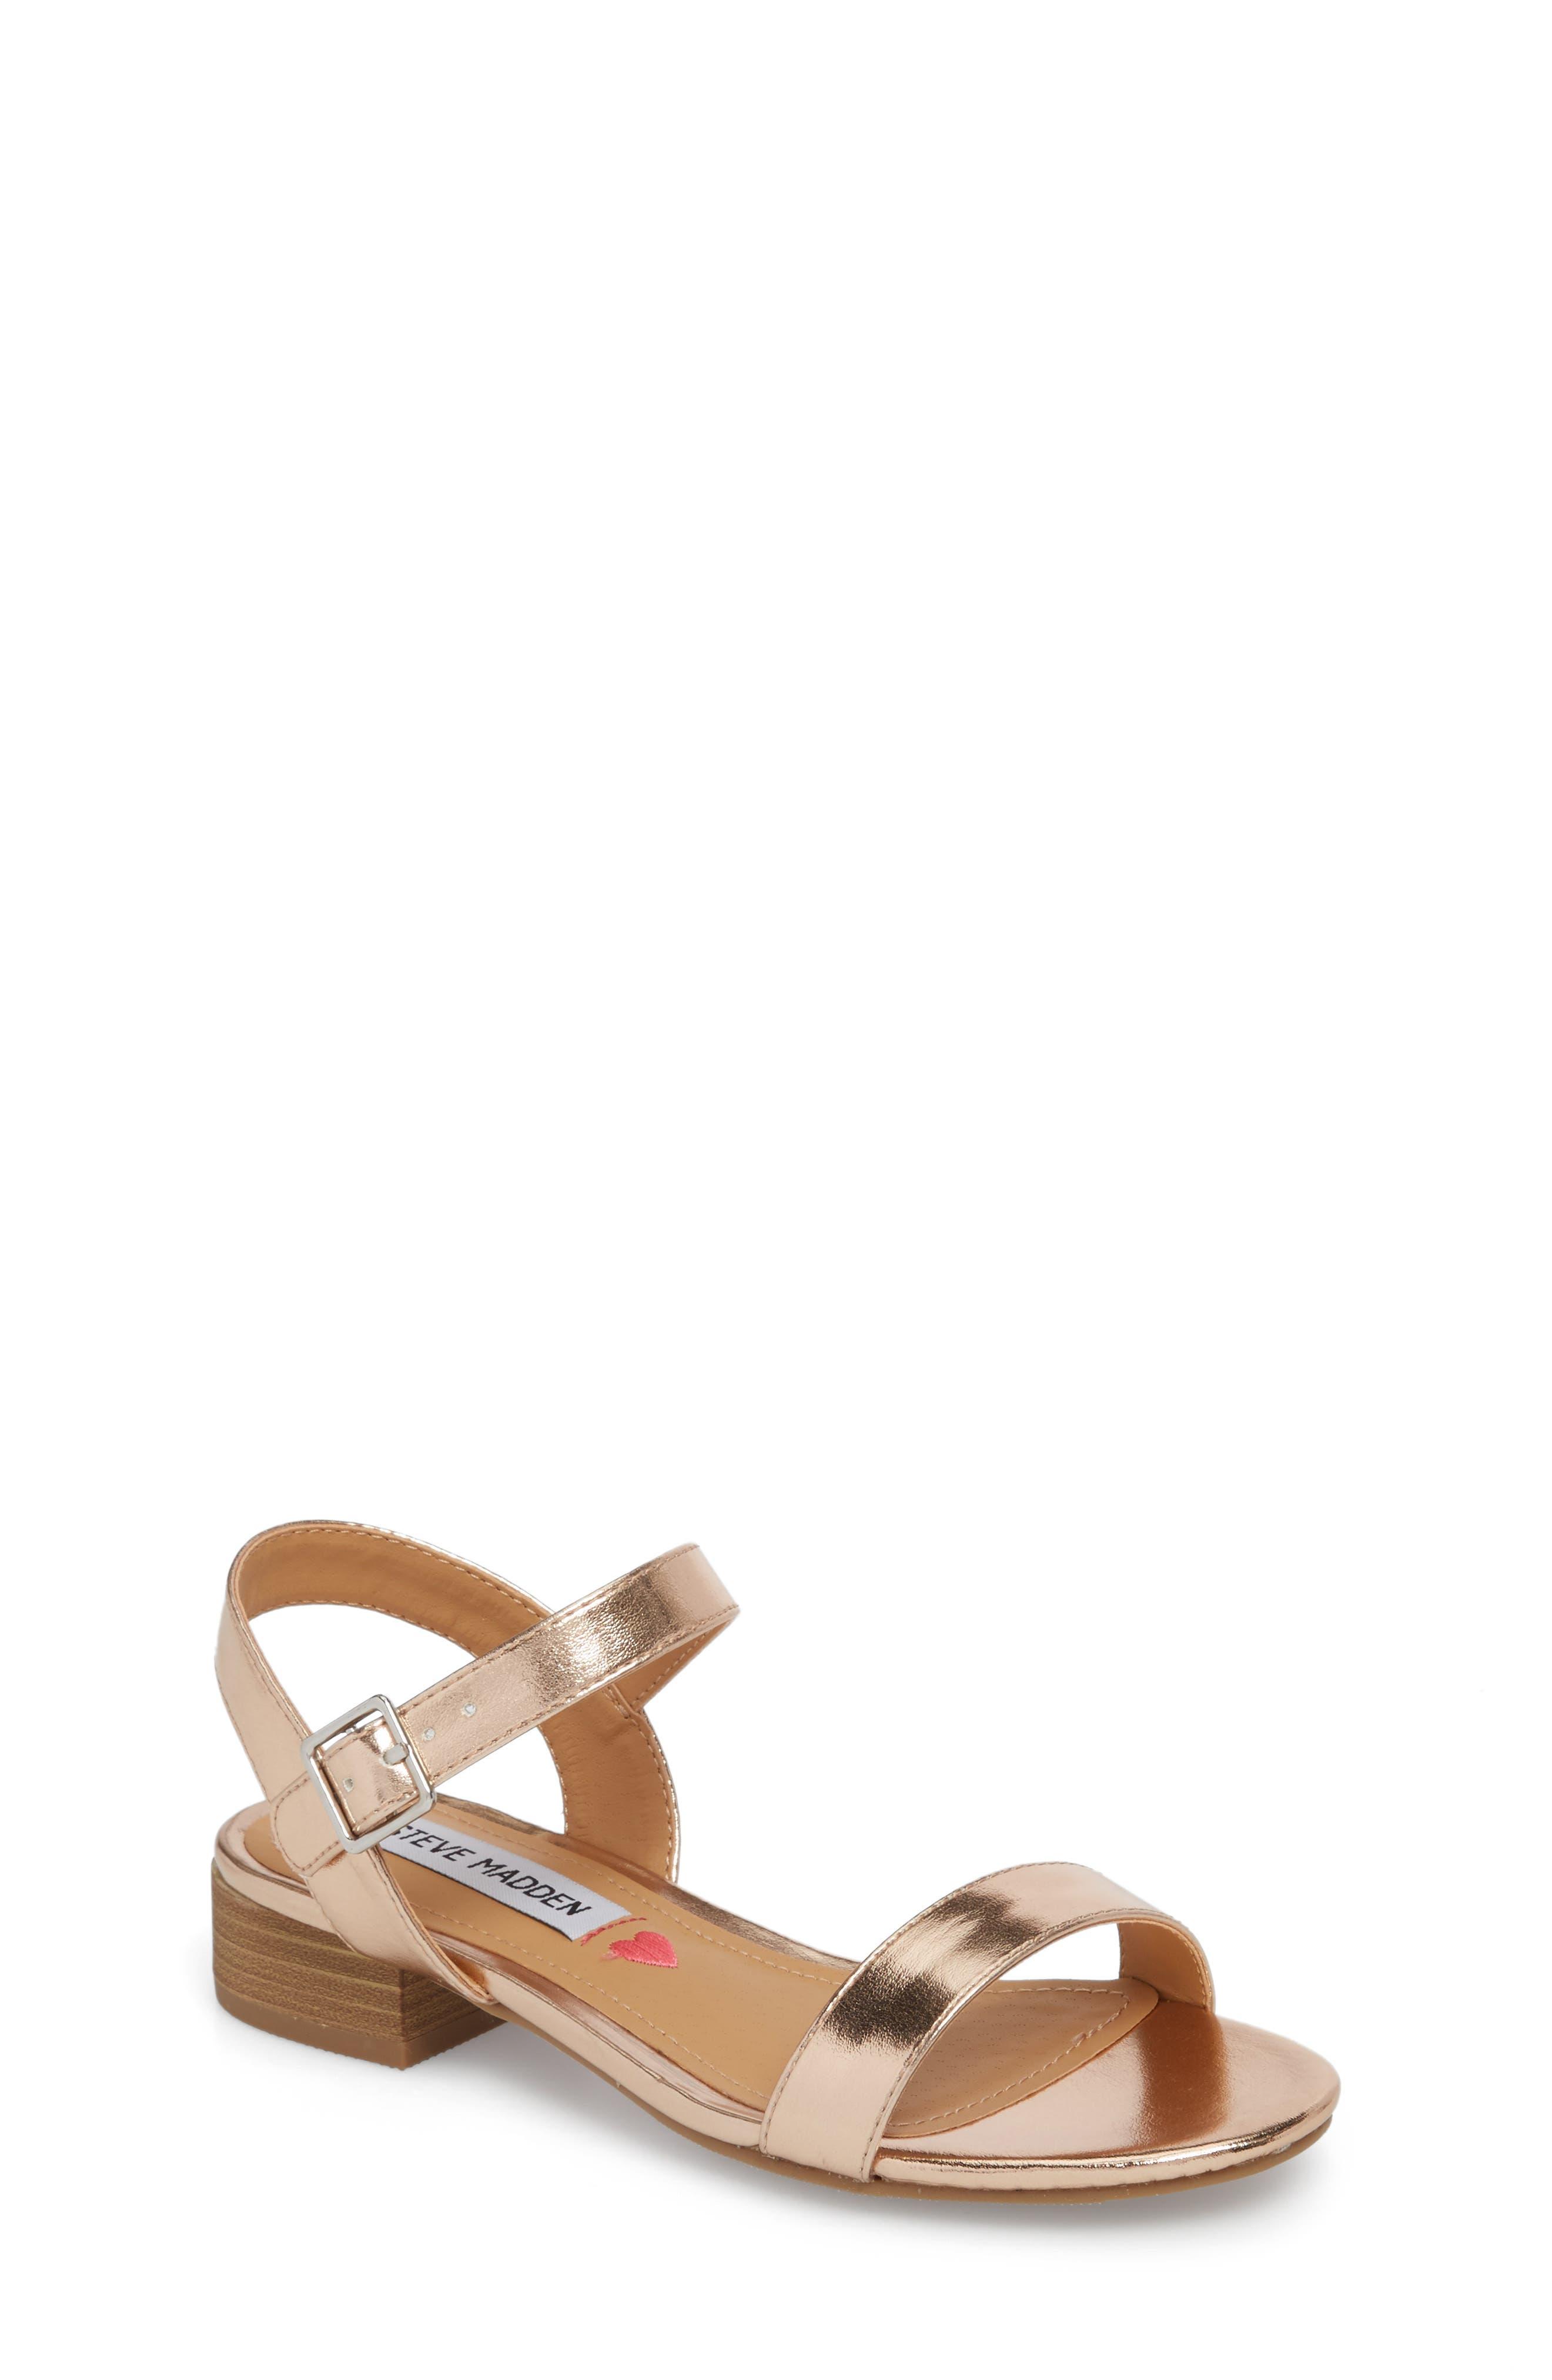 JCACHE Sandal,                         Main,                         color, 220